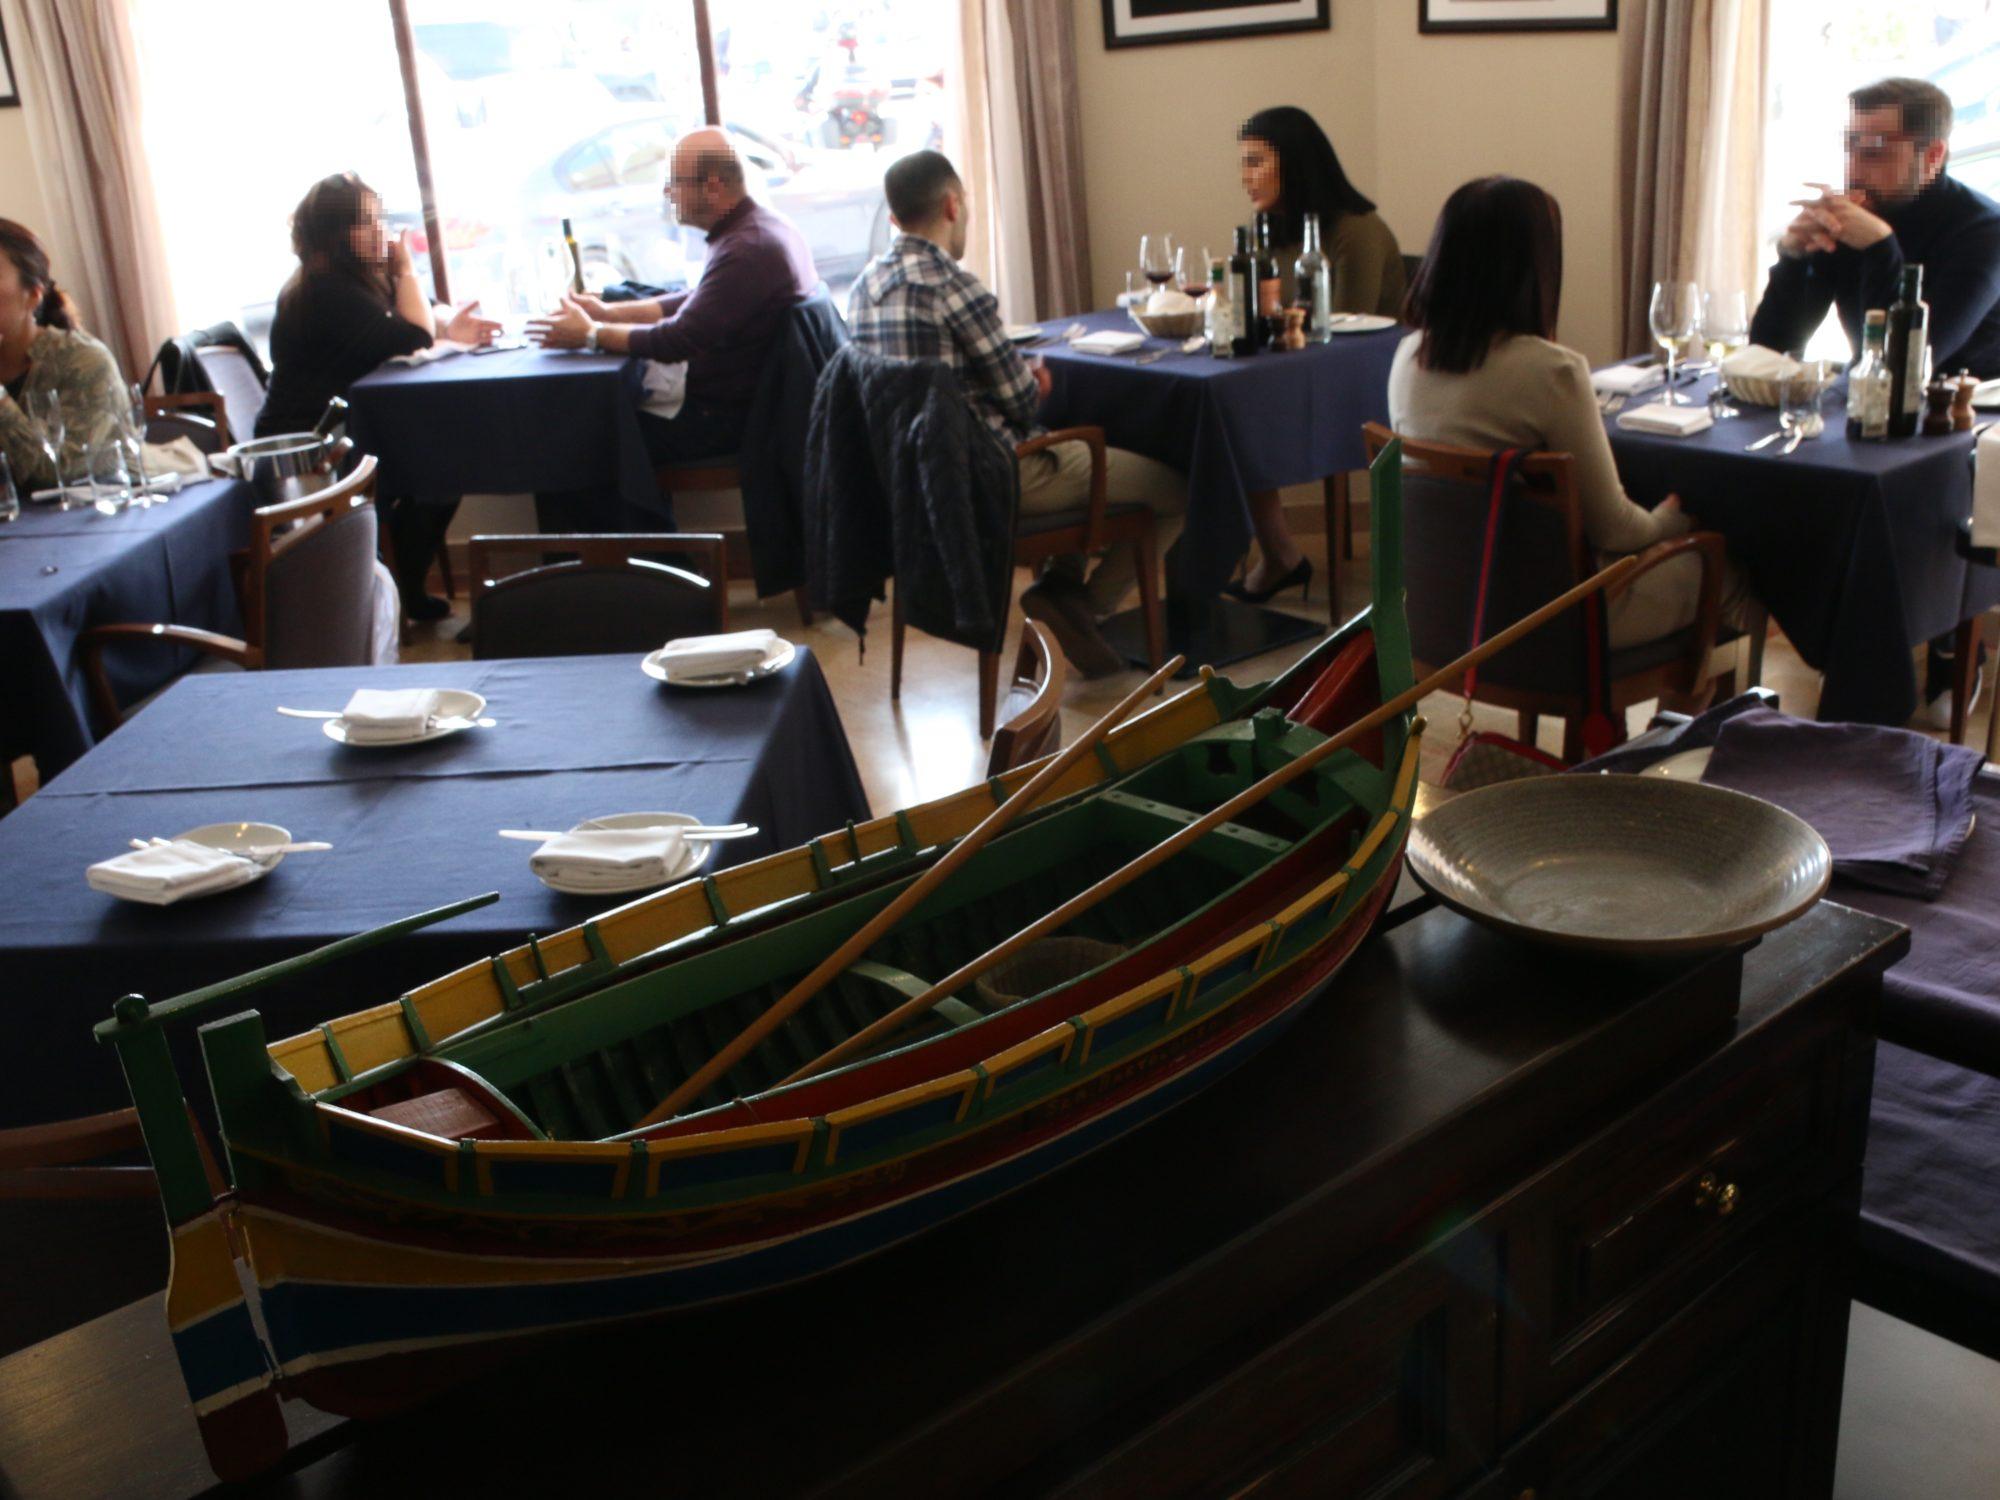 Tartarun Restaurant マルタ/マルサシュロックのランチ〜お昼からワインとパスタ〜